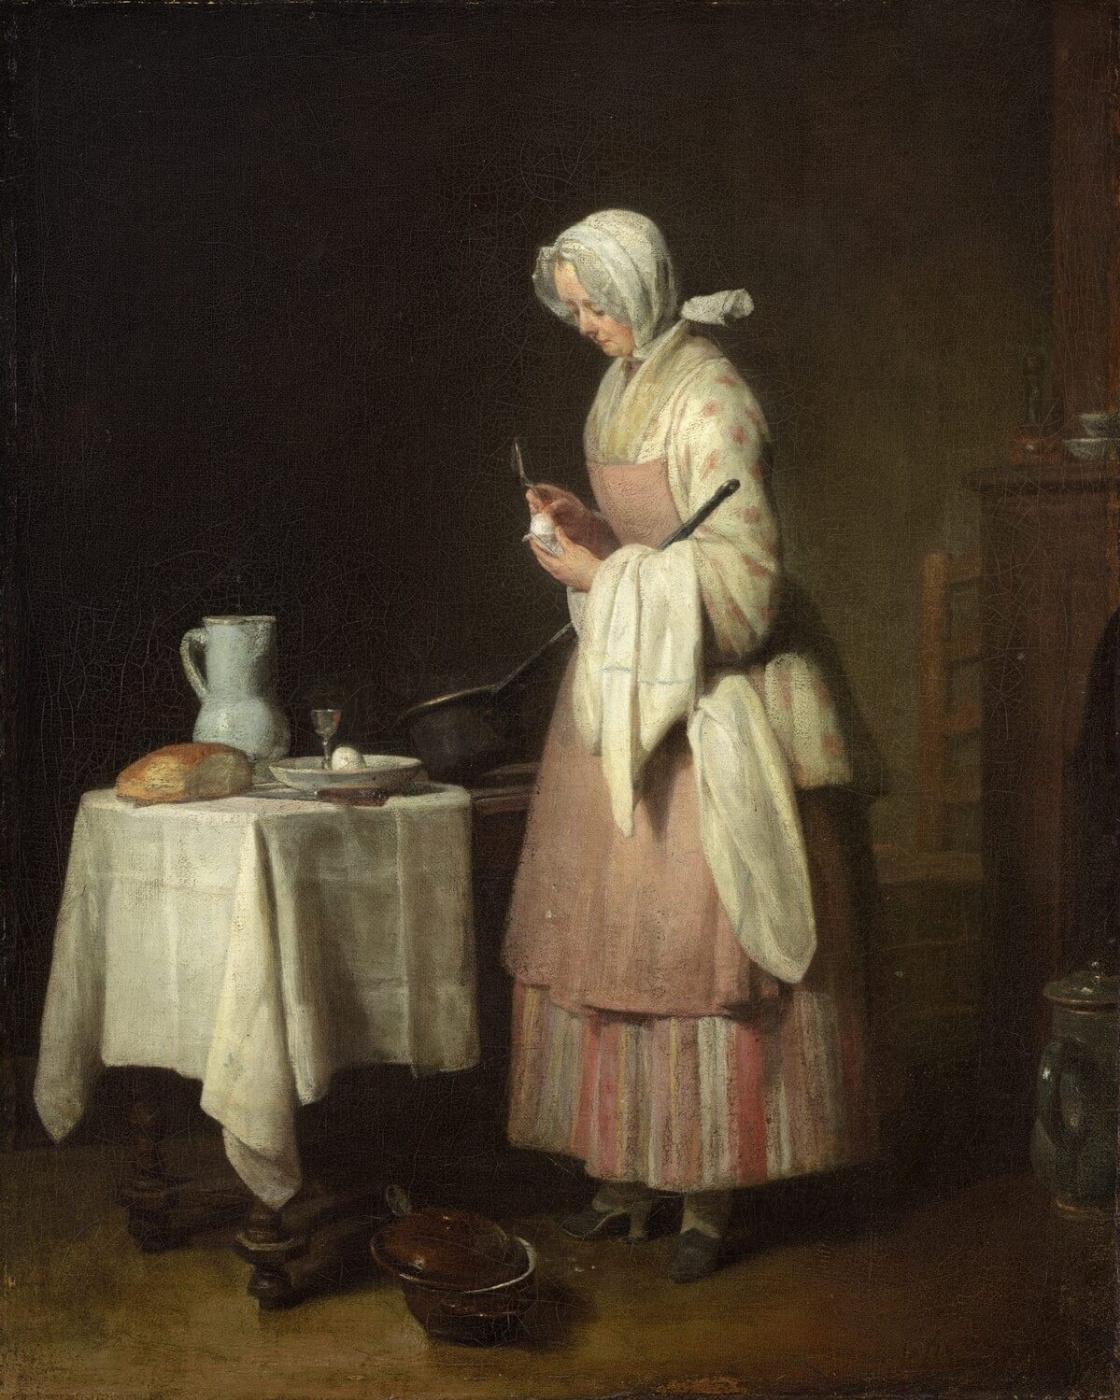 Jean Baptiste Simeon Chardin. Thrifty maid